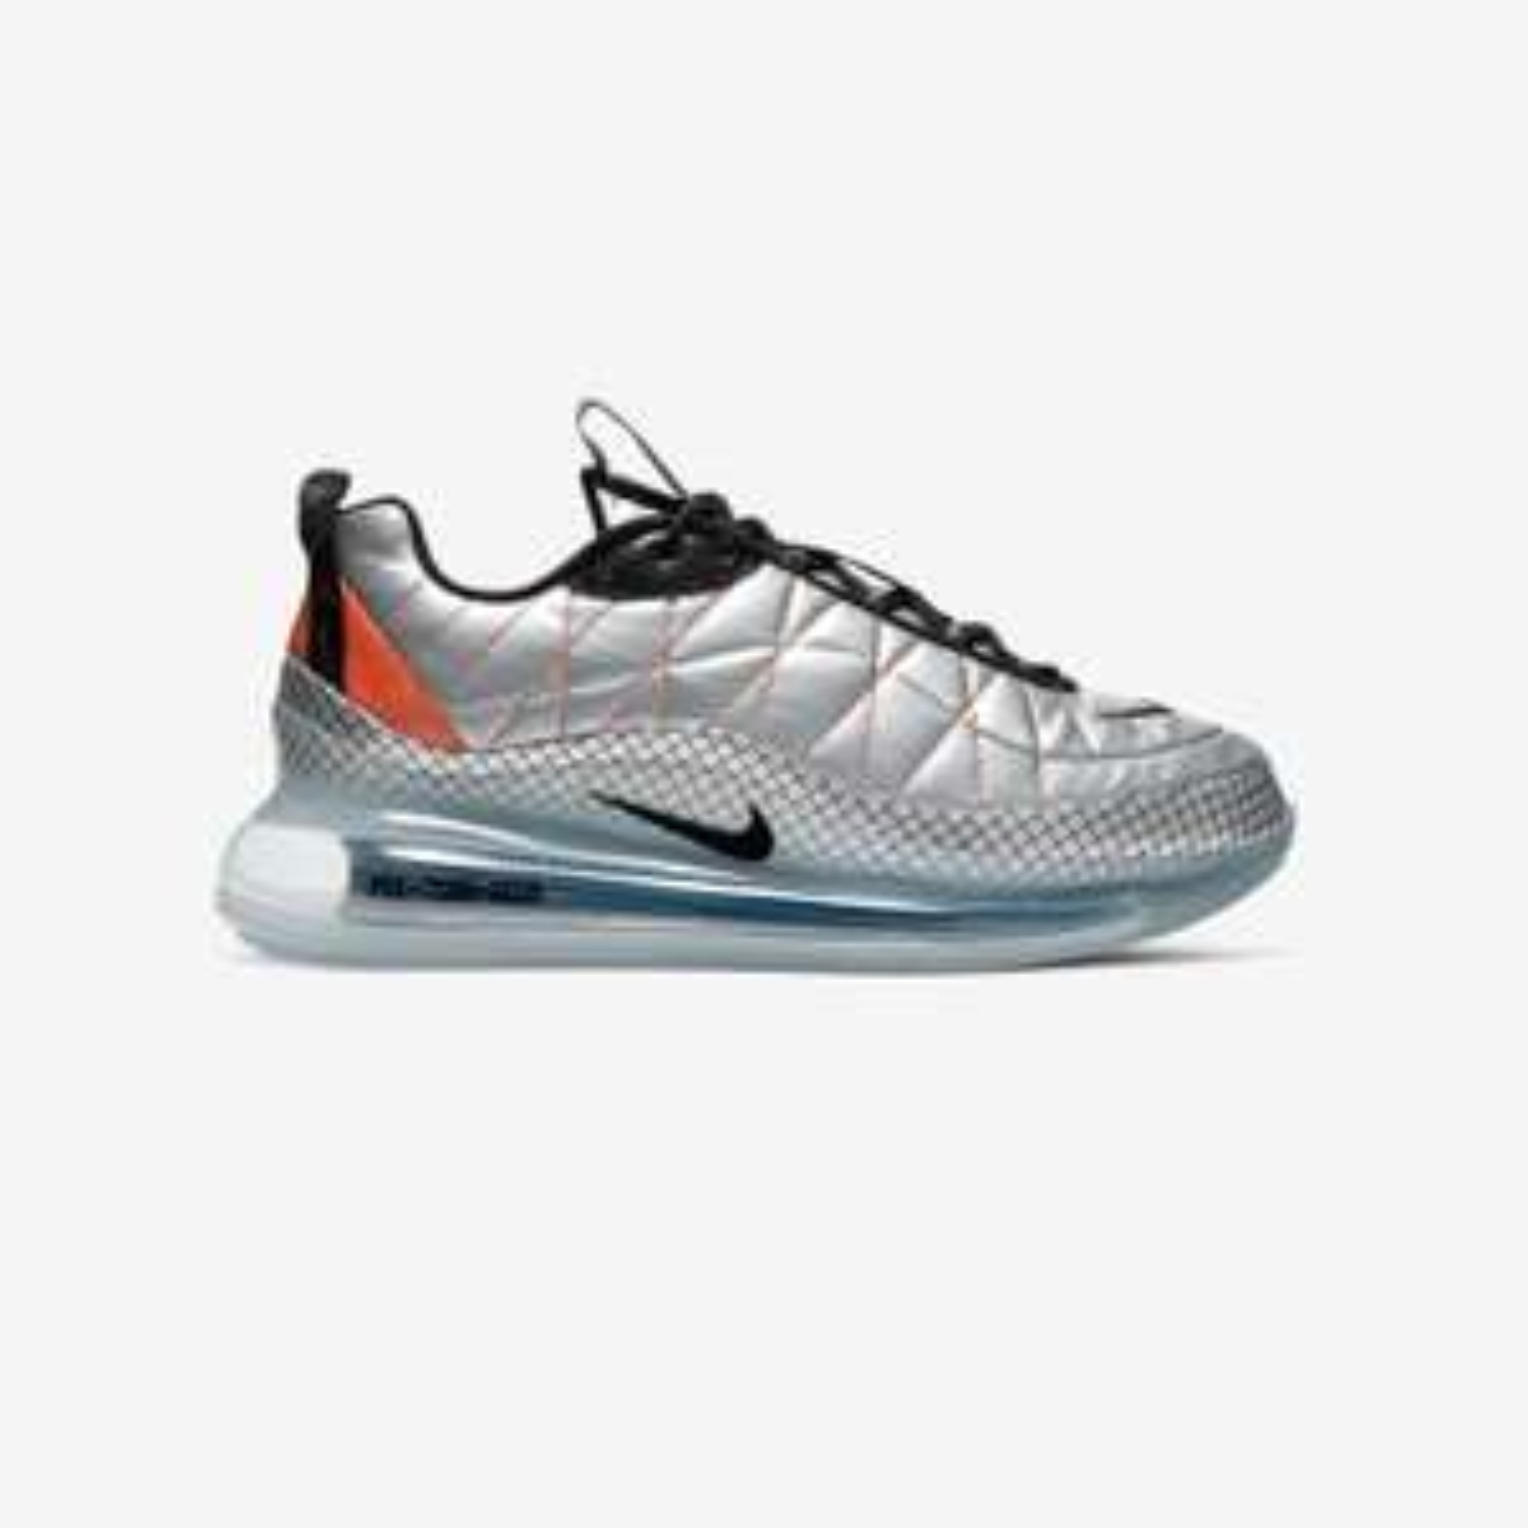 [SNS] Summer Sale mit bis zu 70% Rabatt z.B. Nike Air Max 270 ab 51€!